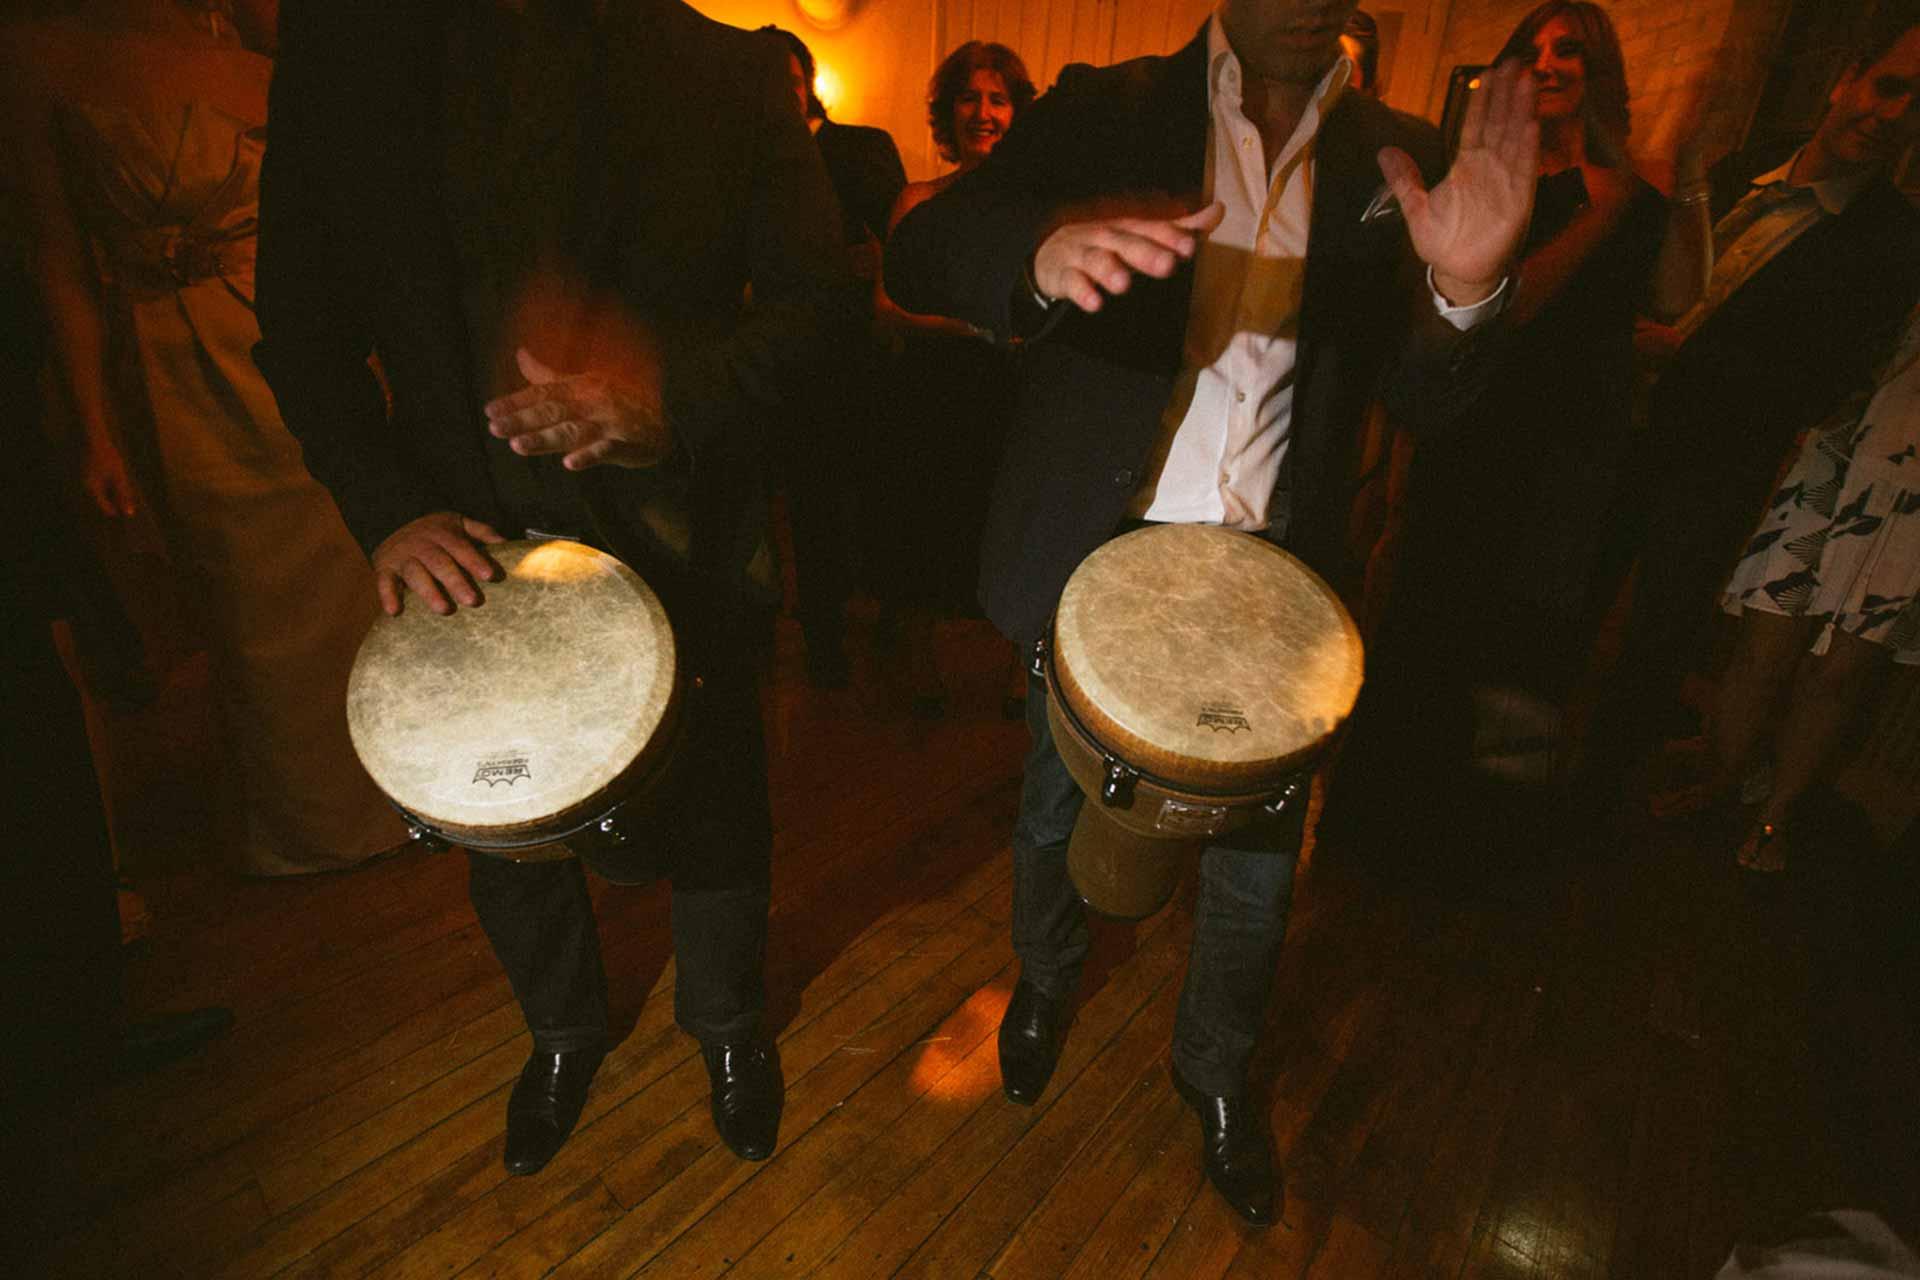 Toronto Wedding Venue - Restaurant Reception - Live Band